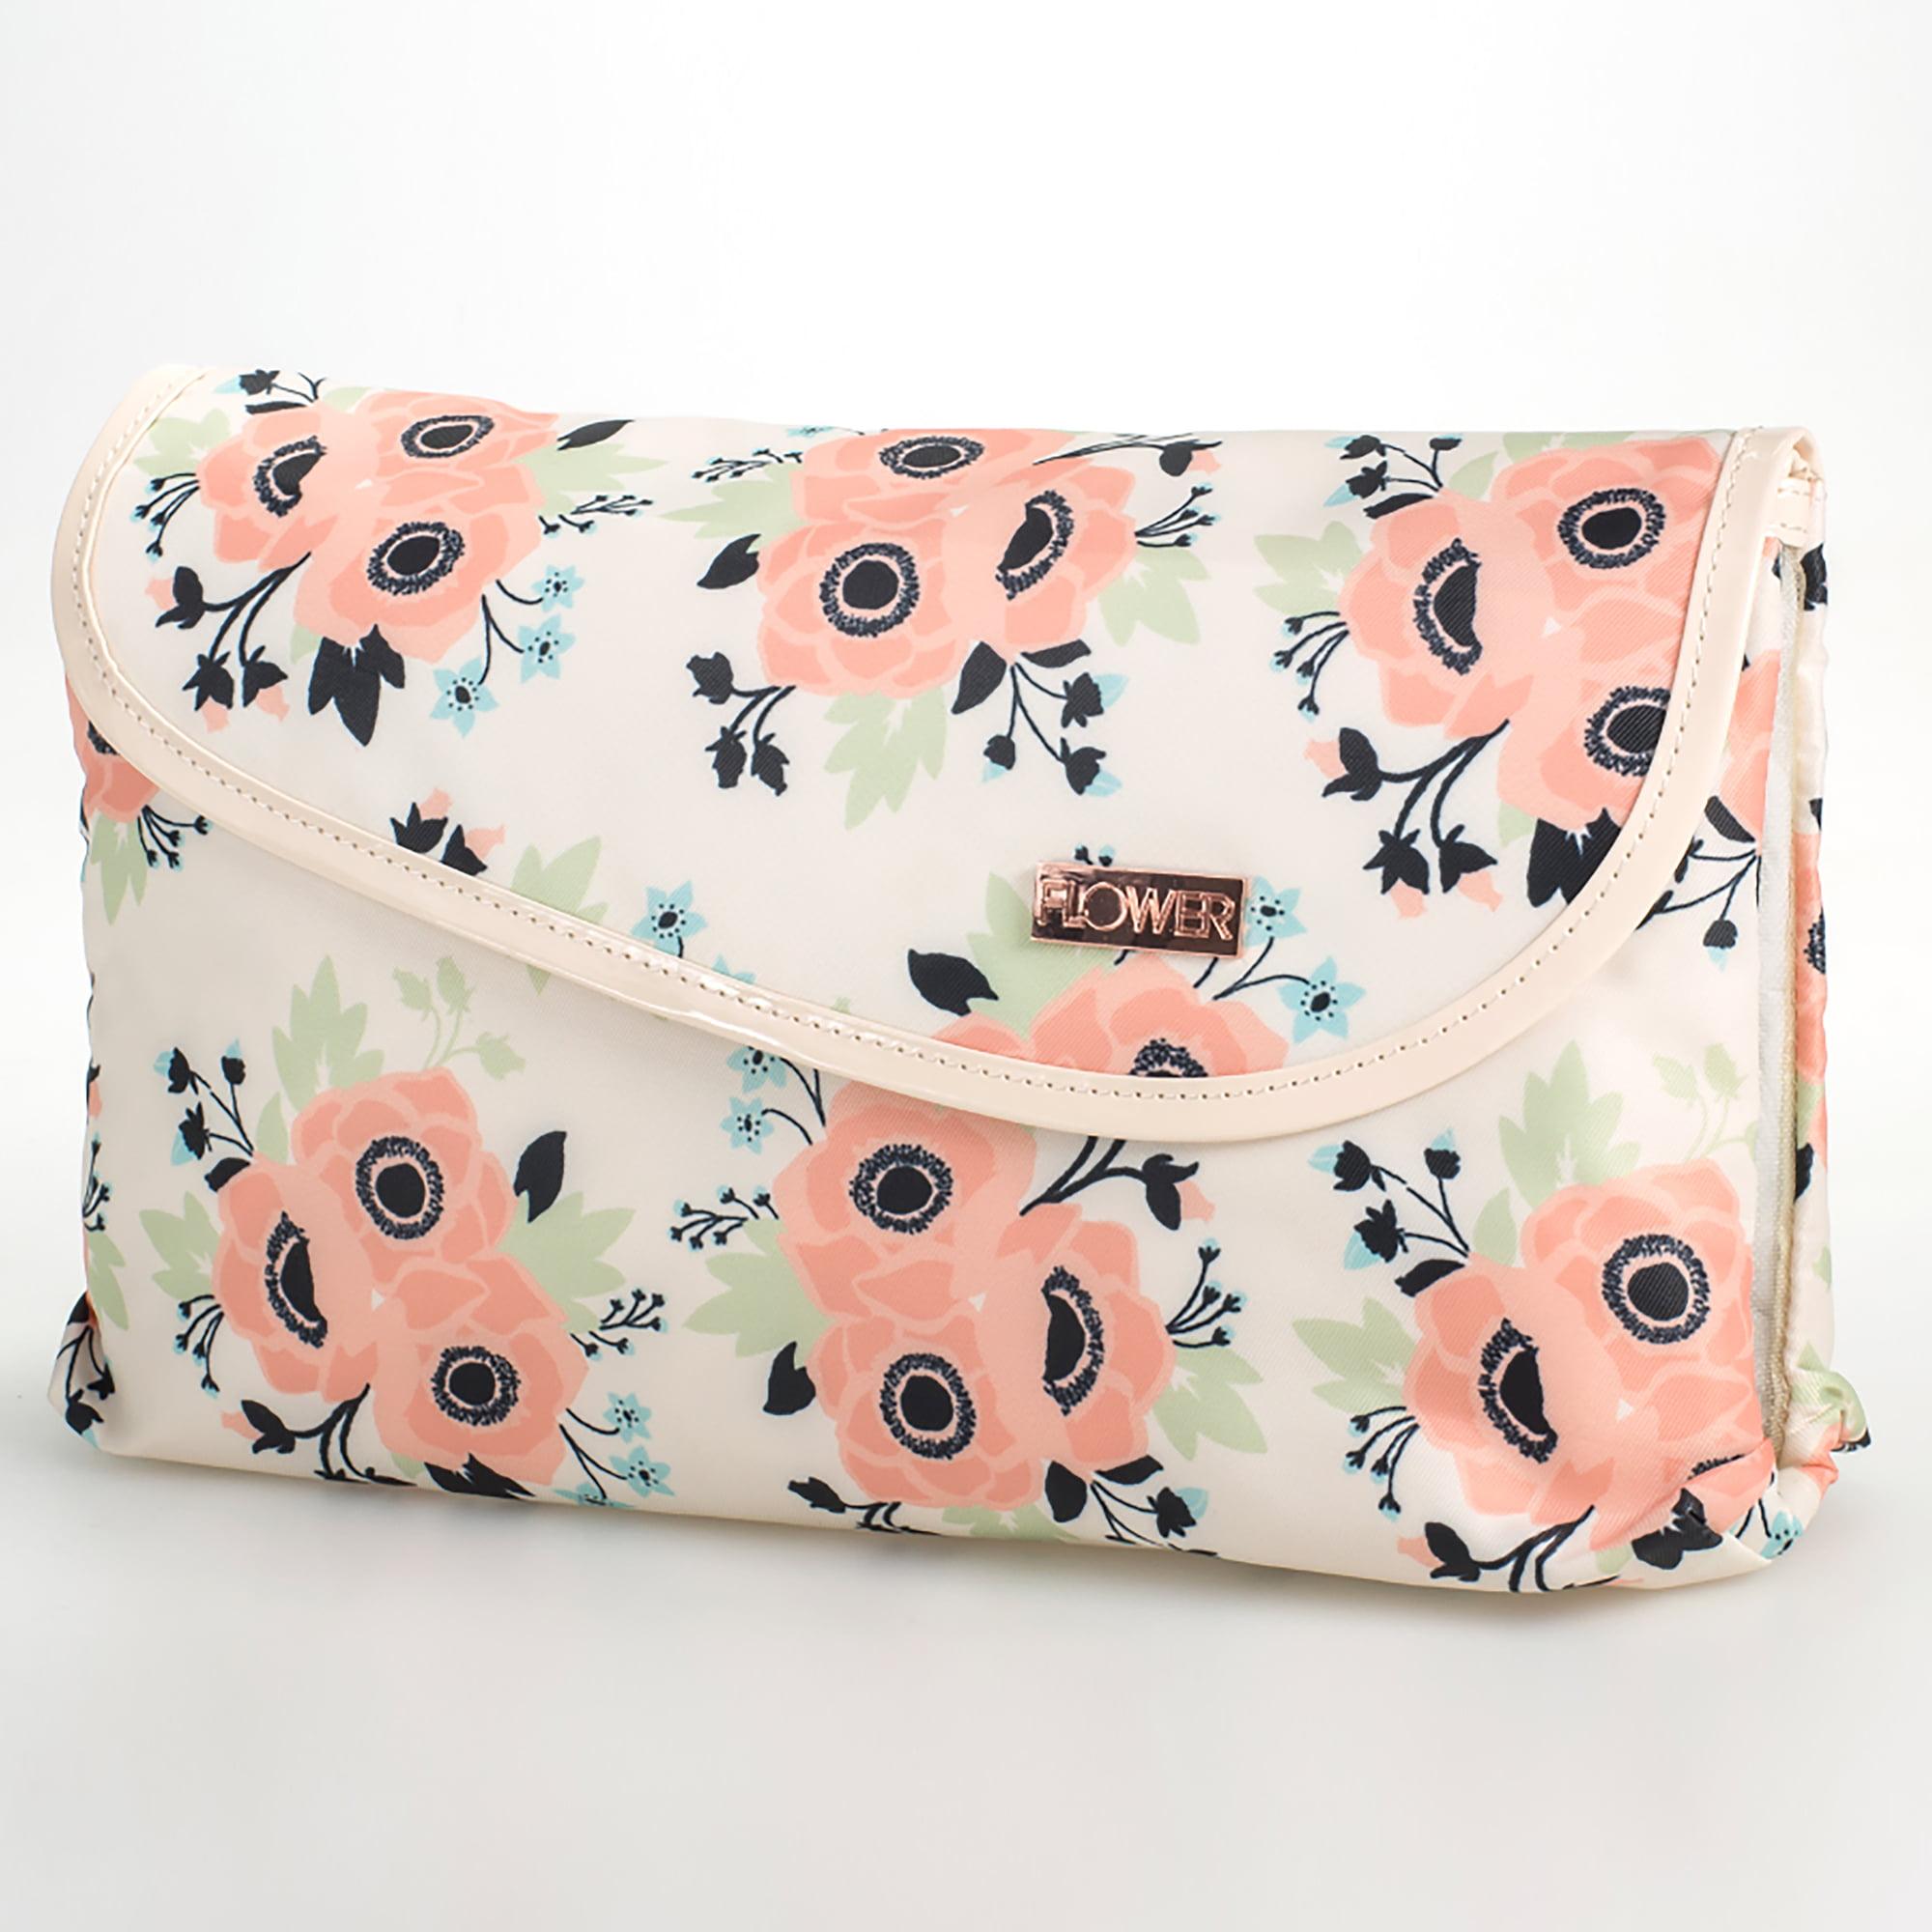 Flower Cosmetics In Bloom Double Zip Foldover Bag